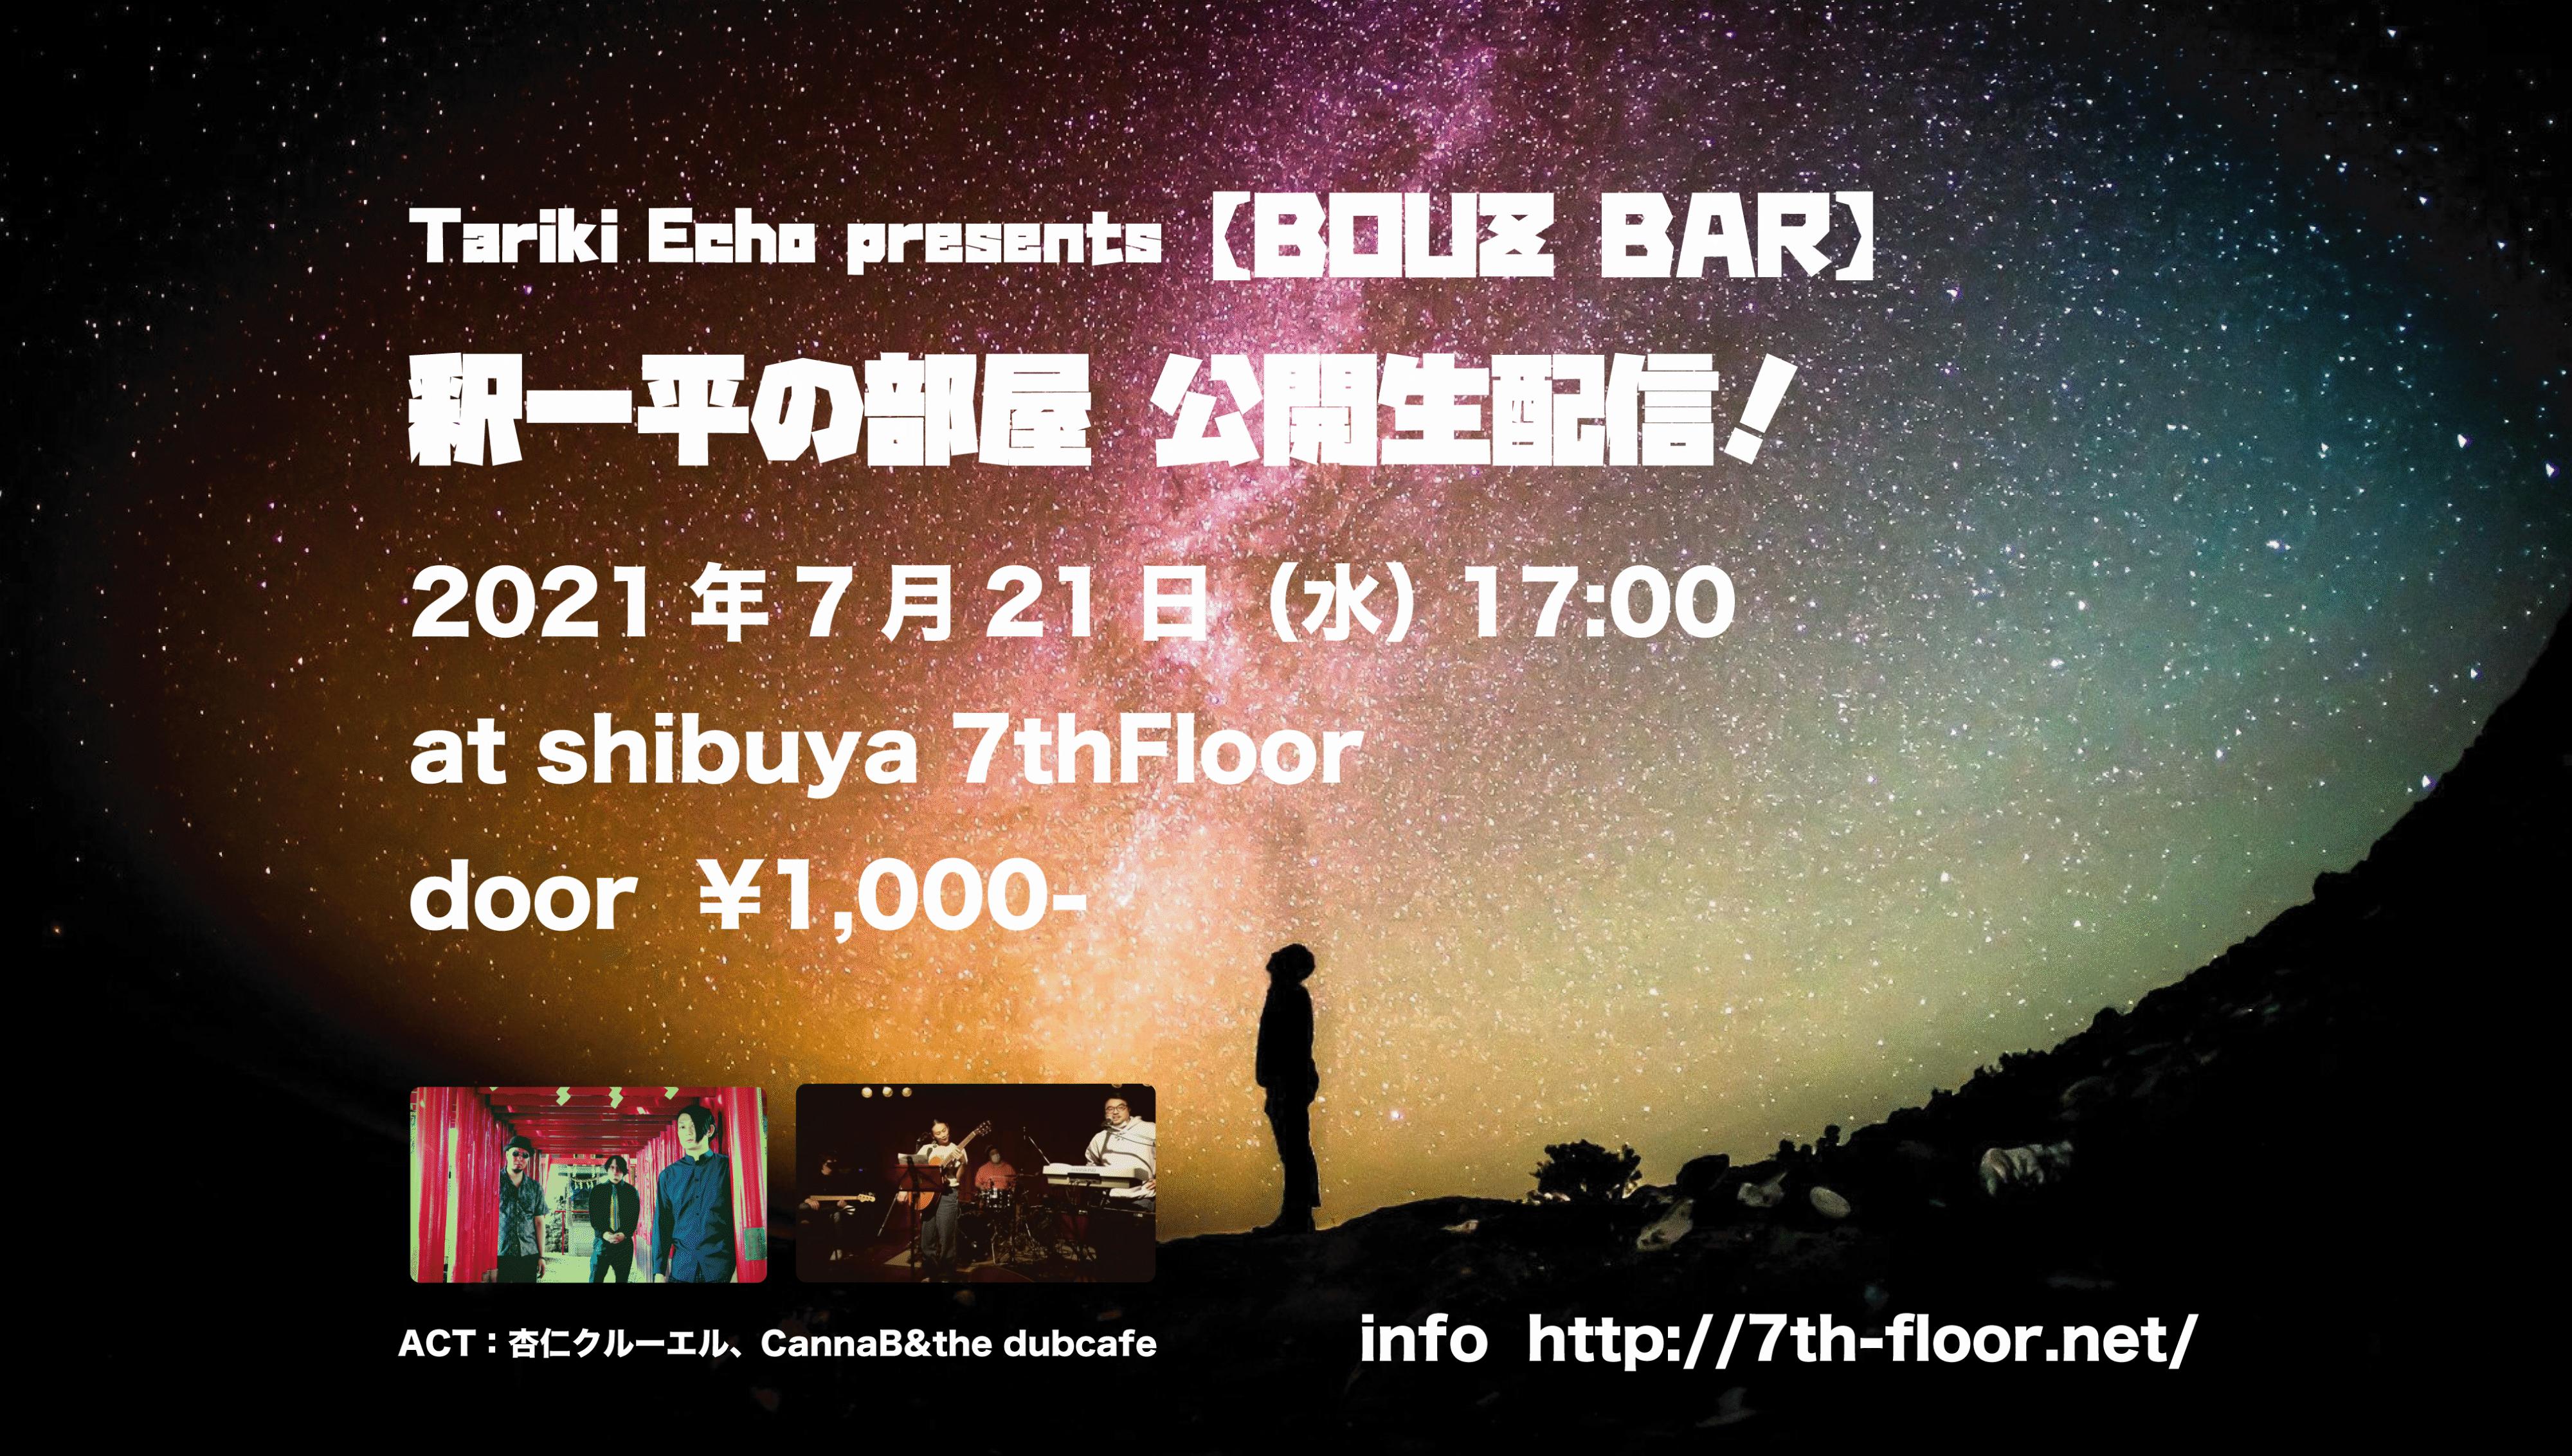 【BOUZ BAR】釈一平の部屋公開生配信!